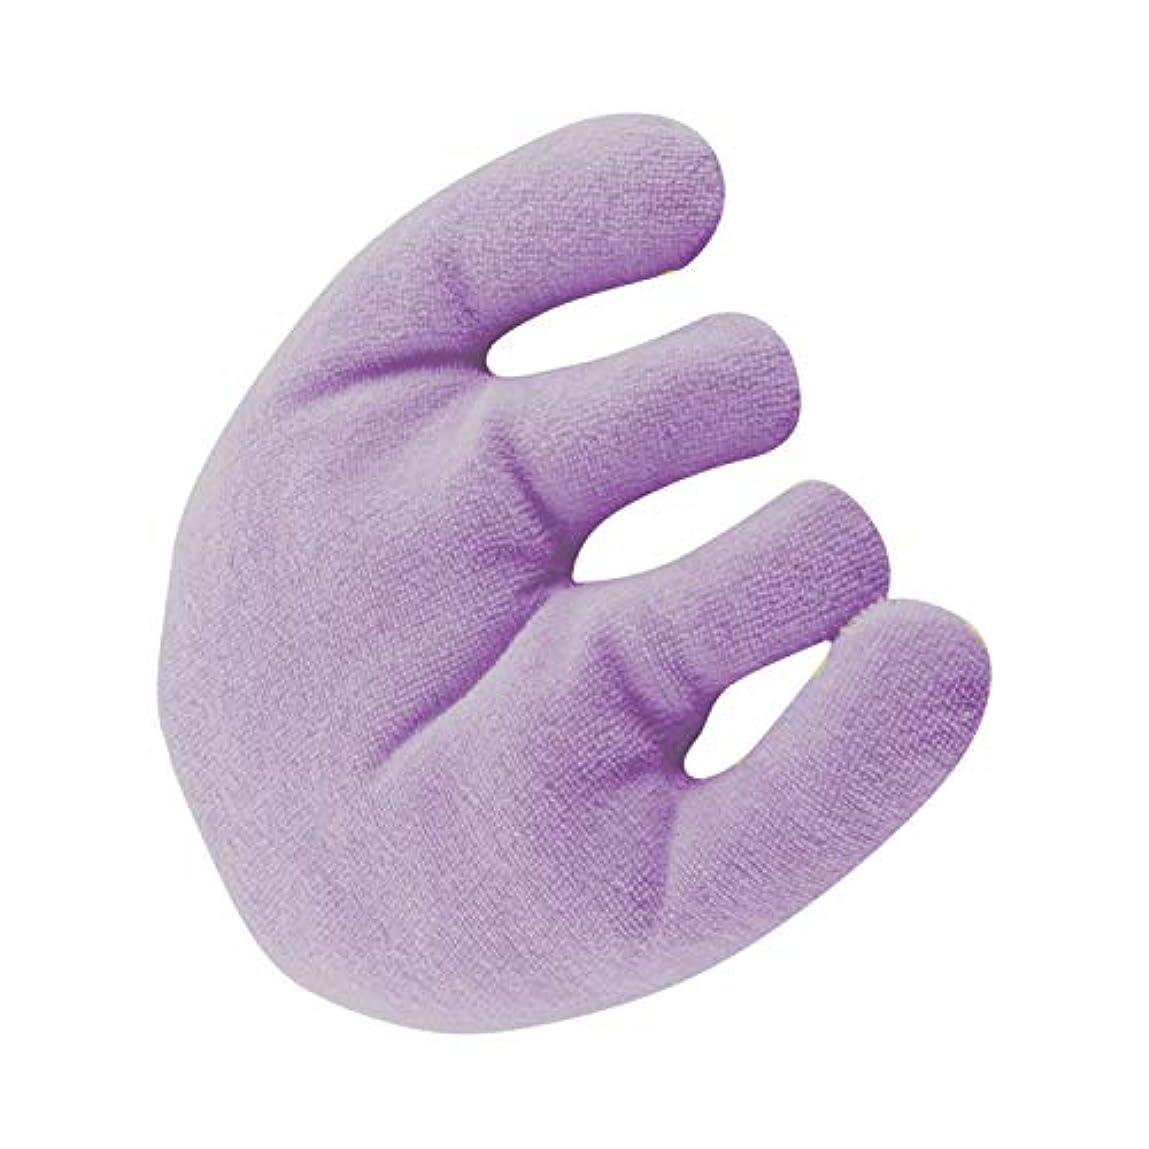 外交官暖かくエクスタシー癒し手枕 ふかふか リラックス バネ指